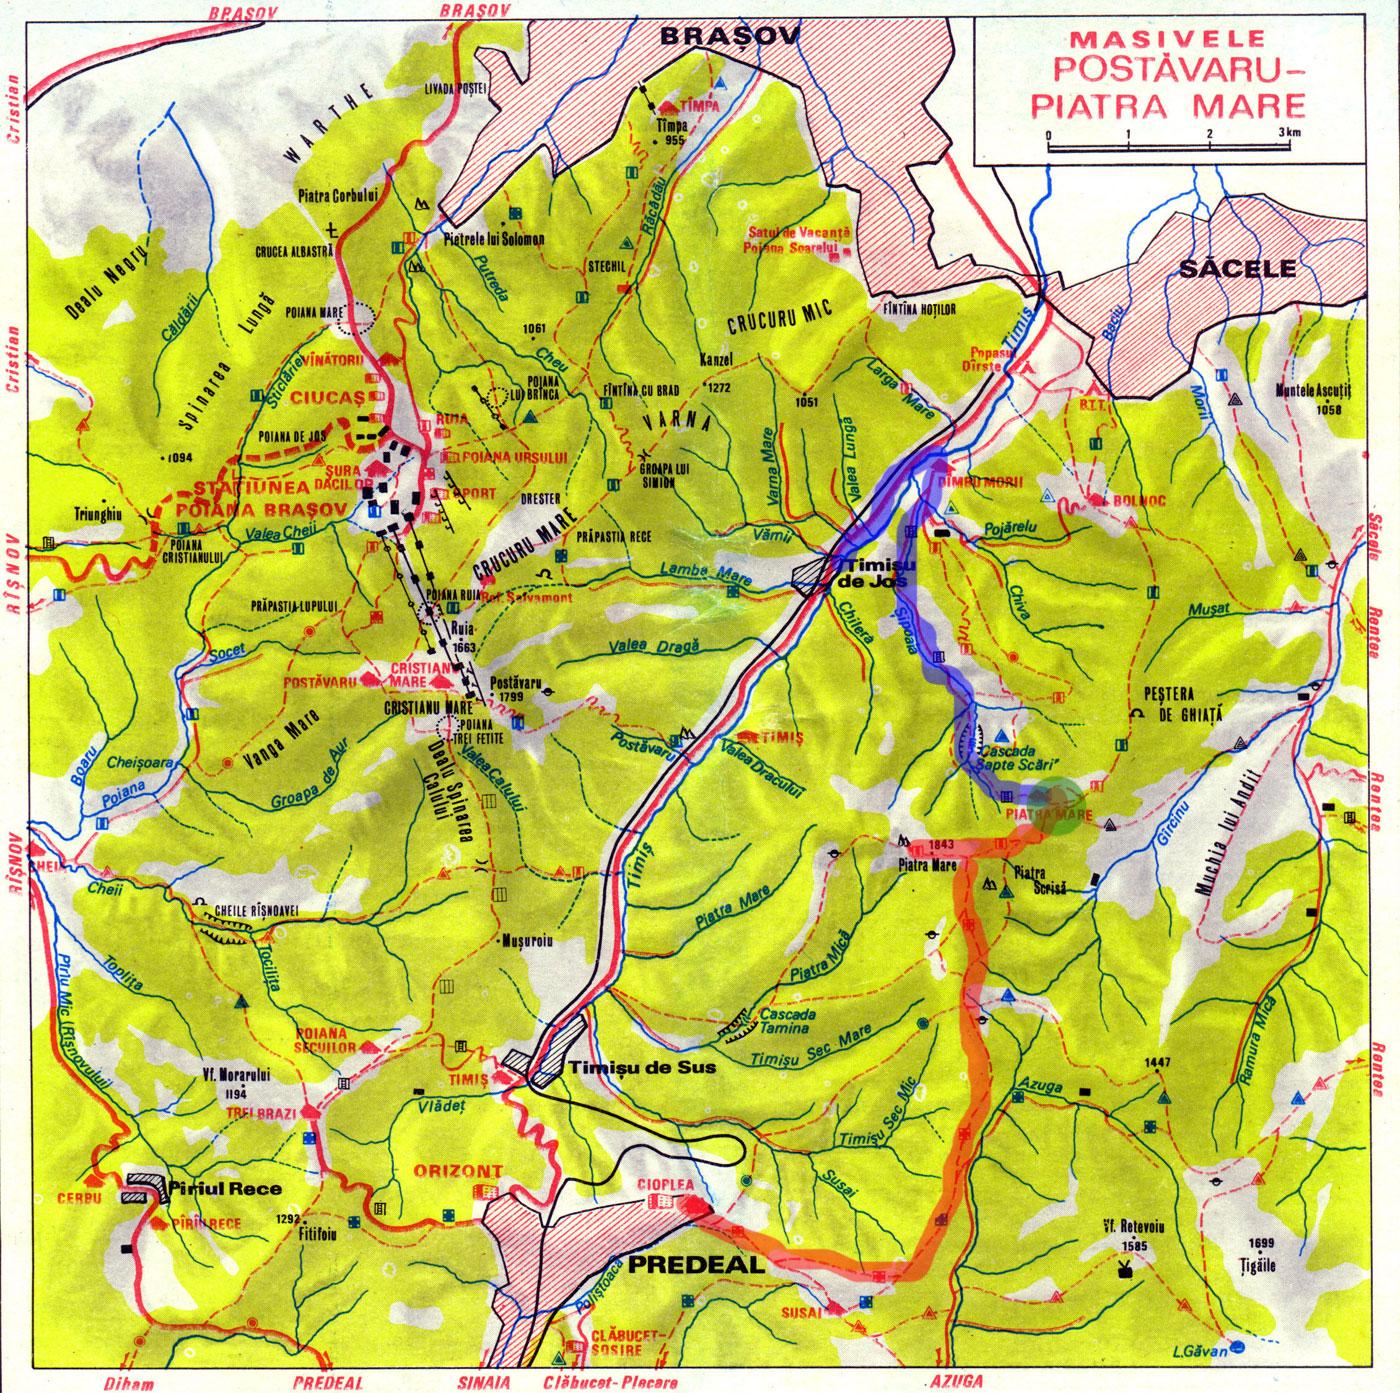 Traseu turistic galati trans alpina webcam